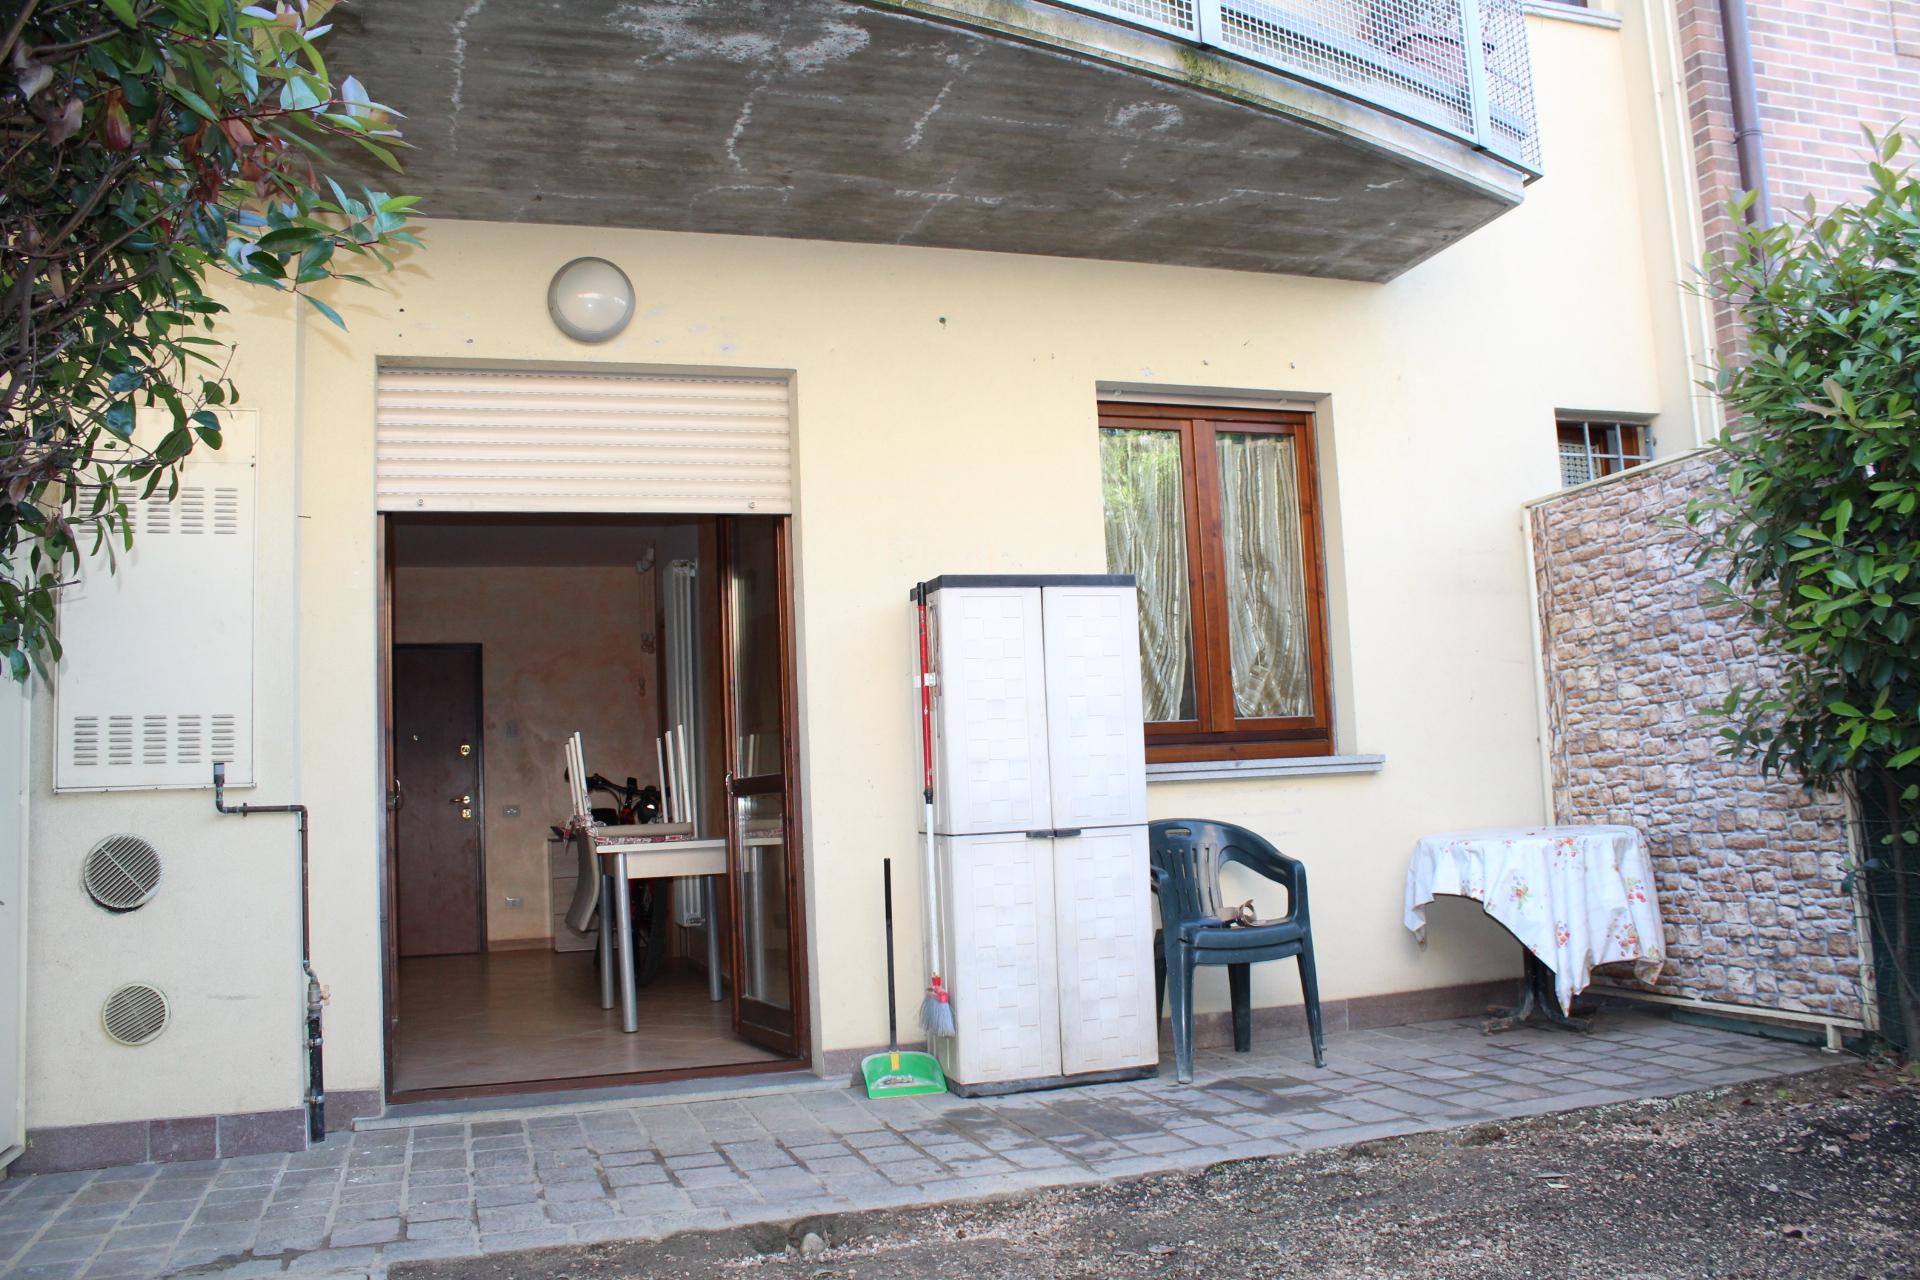 Affitto casa con giardino bergamo a immobiliare agenzia for Case in affitto provincia di bergamo